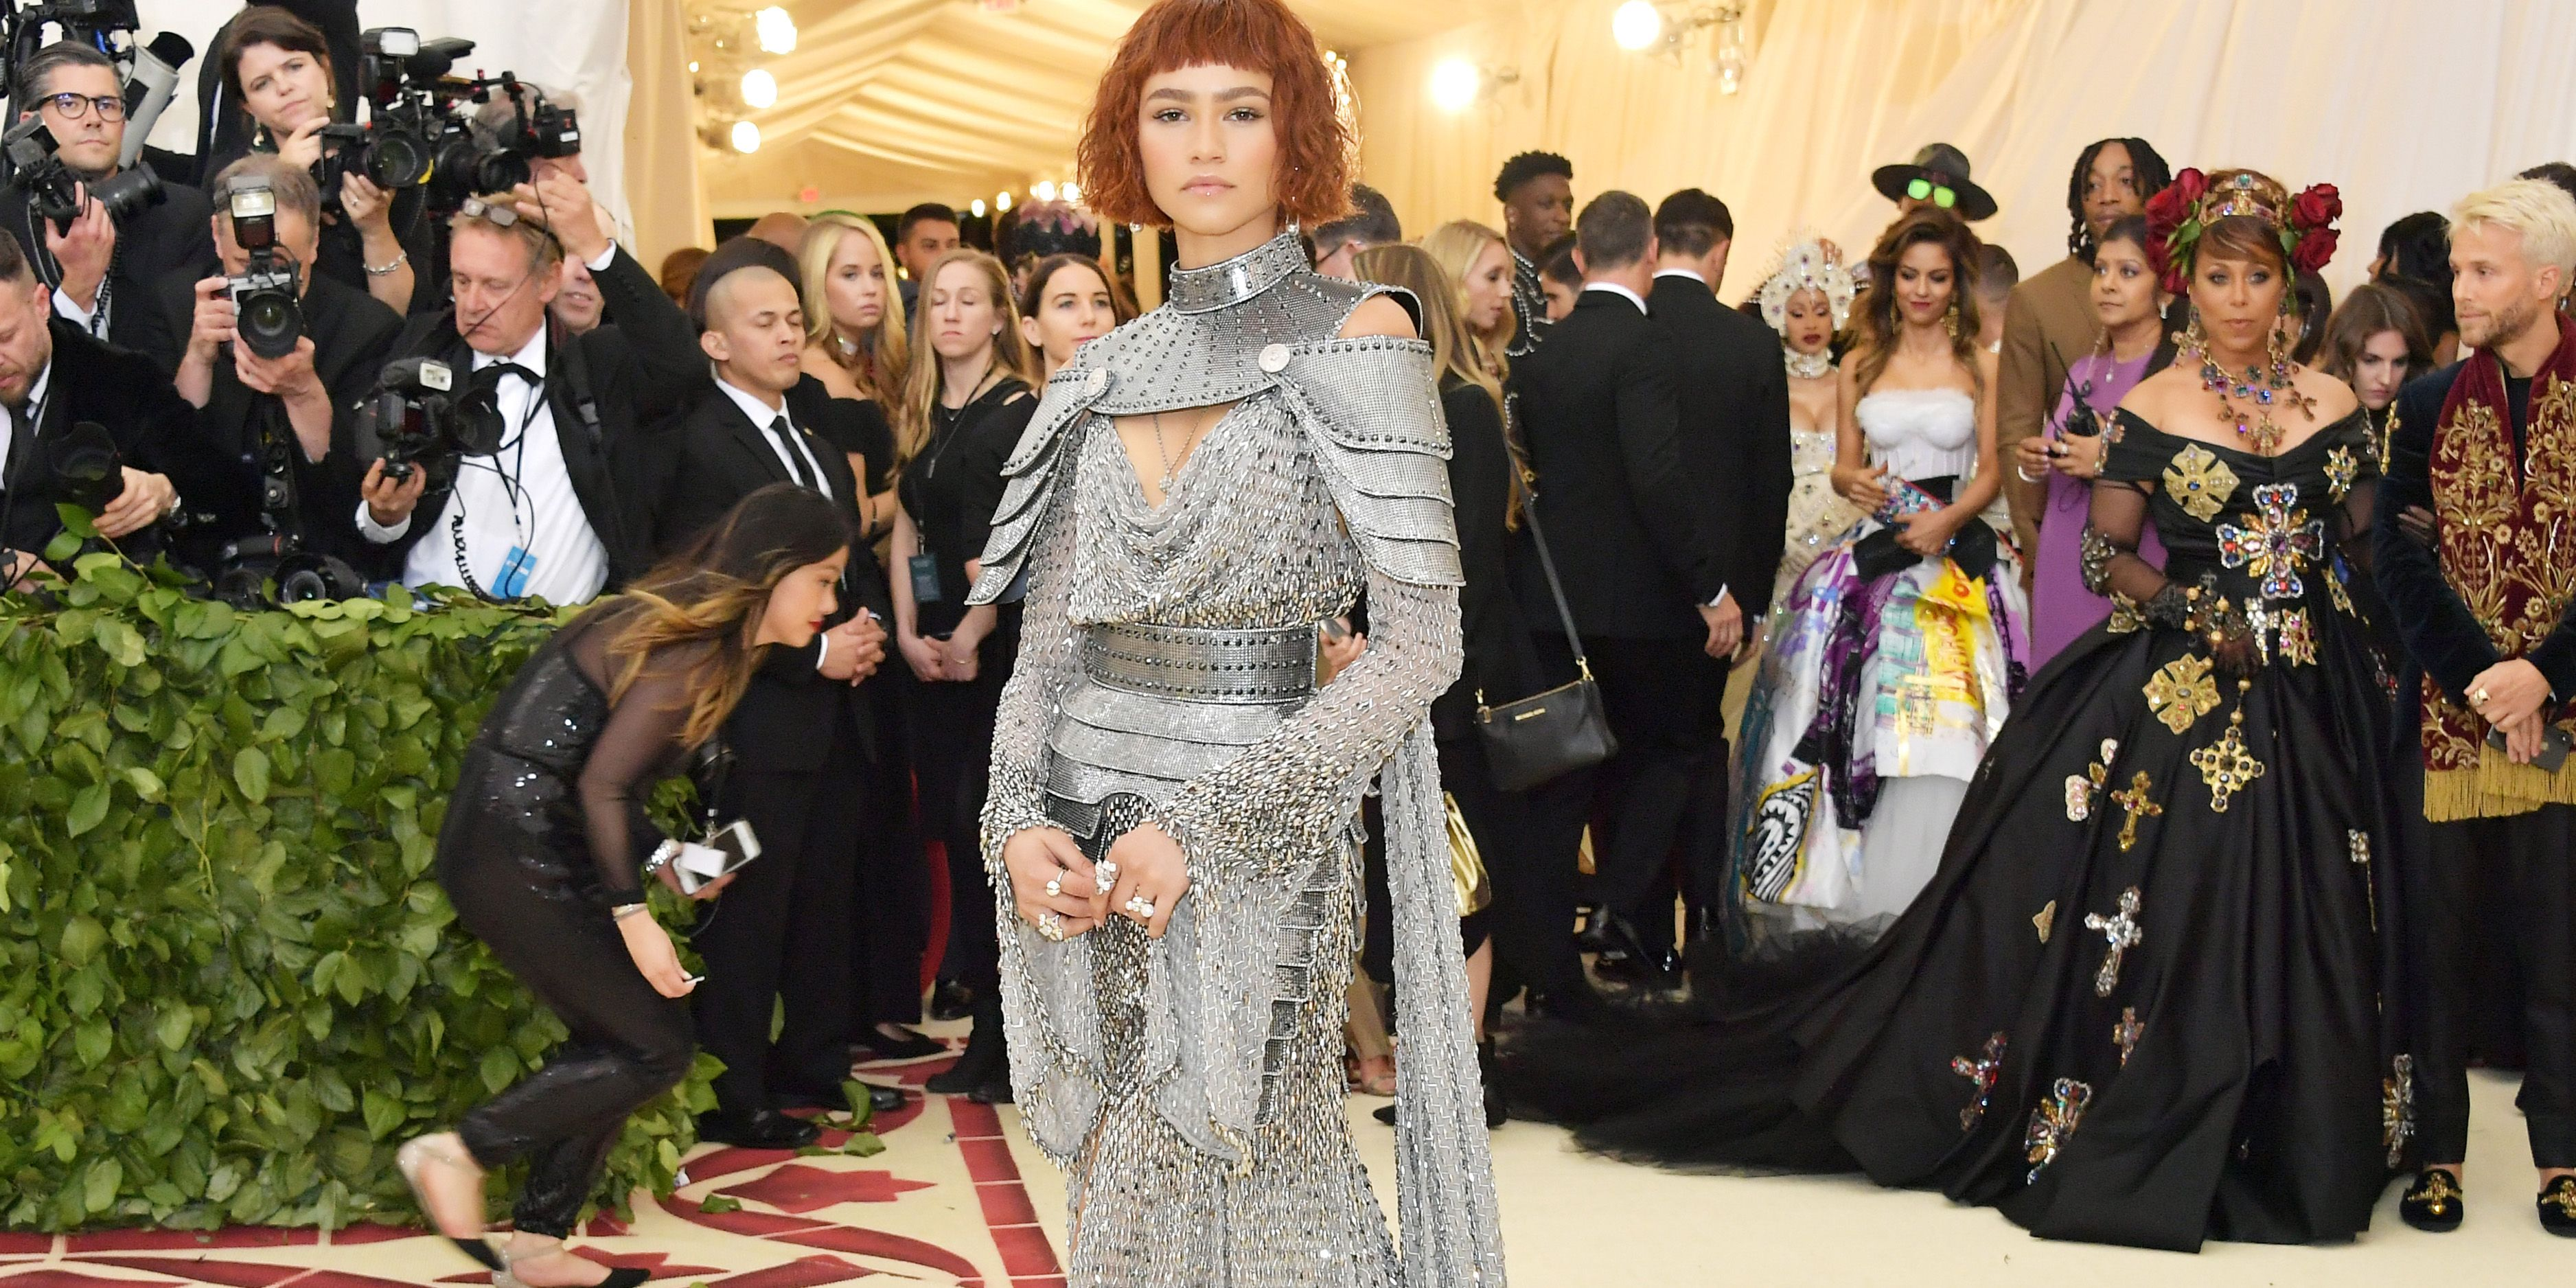 Zendaya dressed as Joan of Arc at the 2018 MET Gala